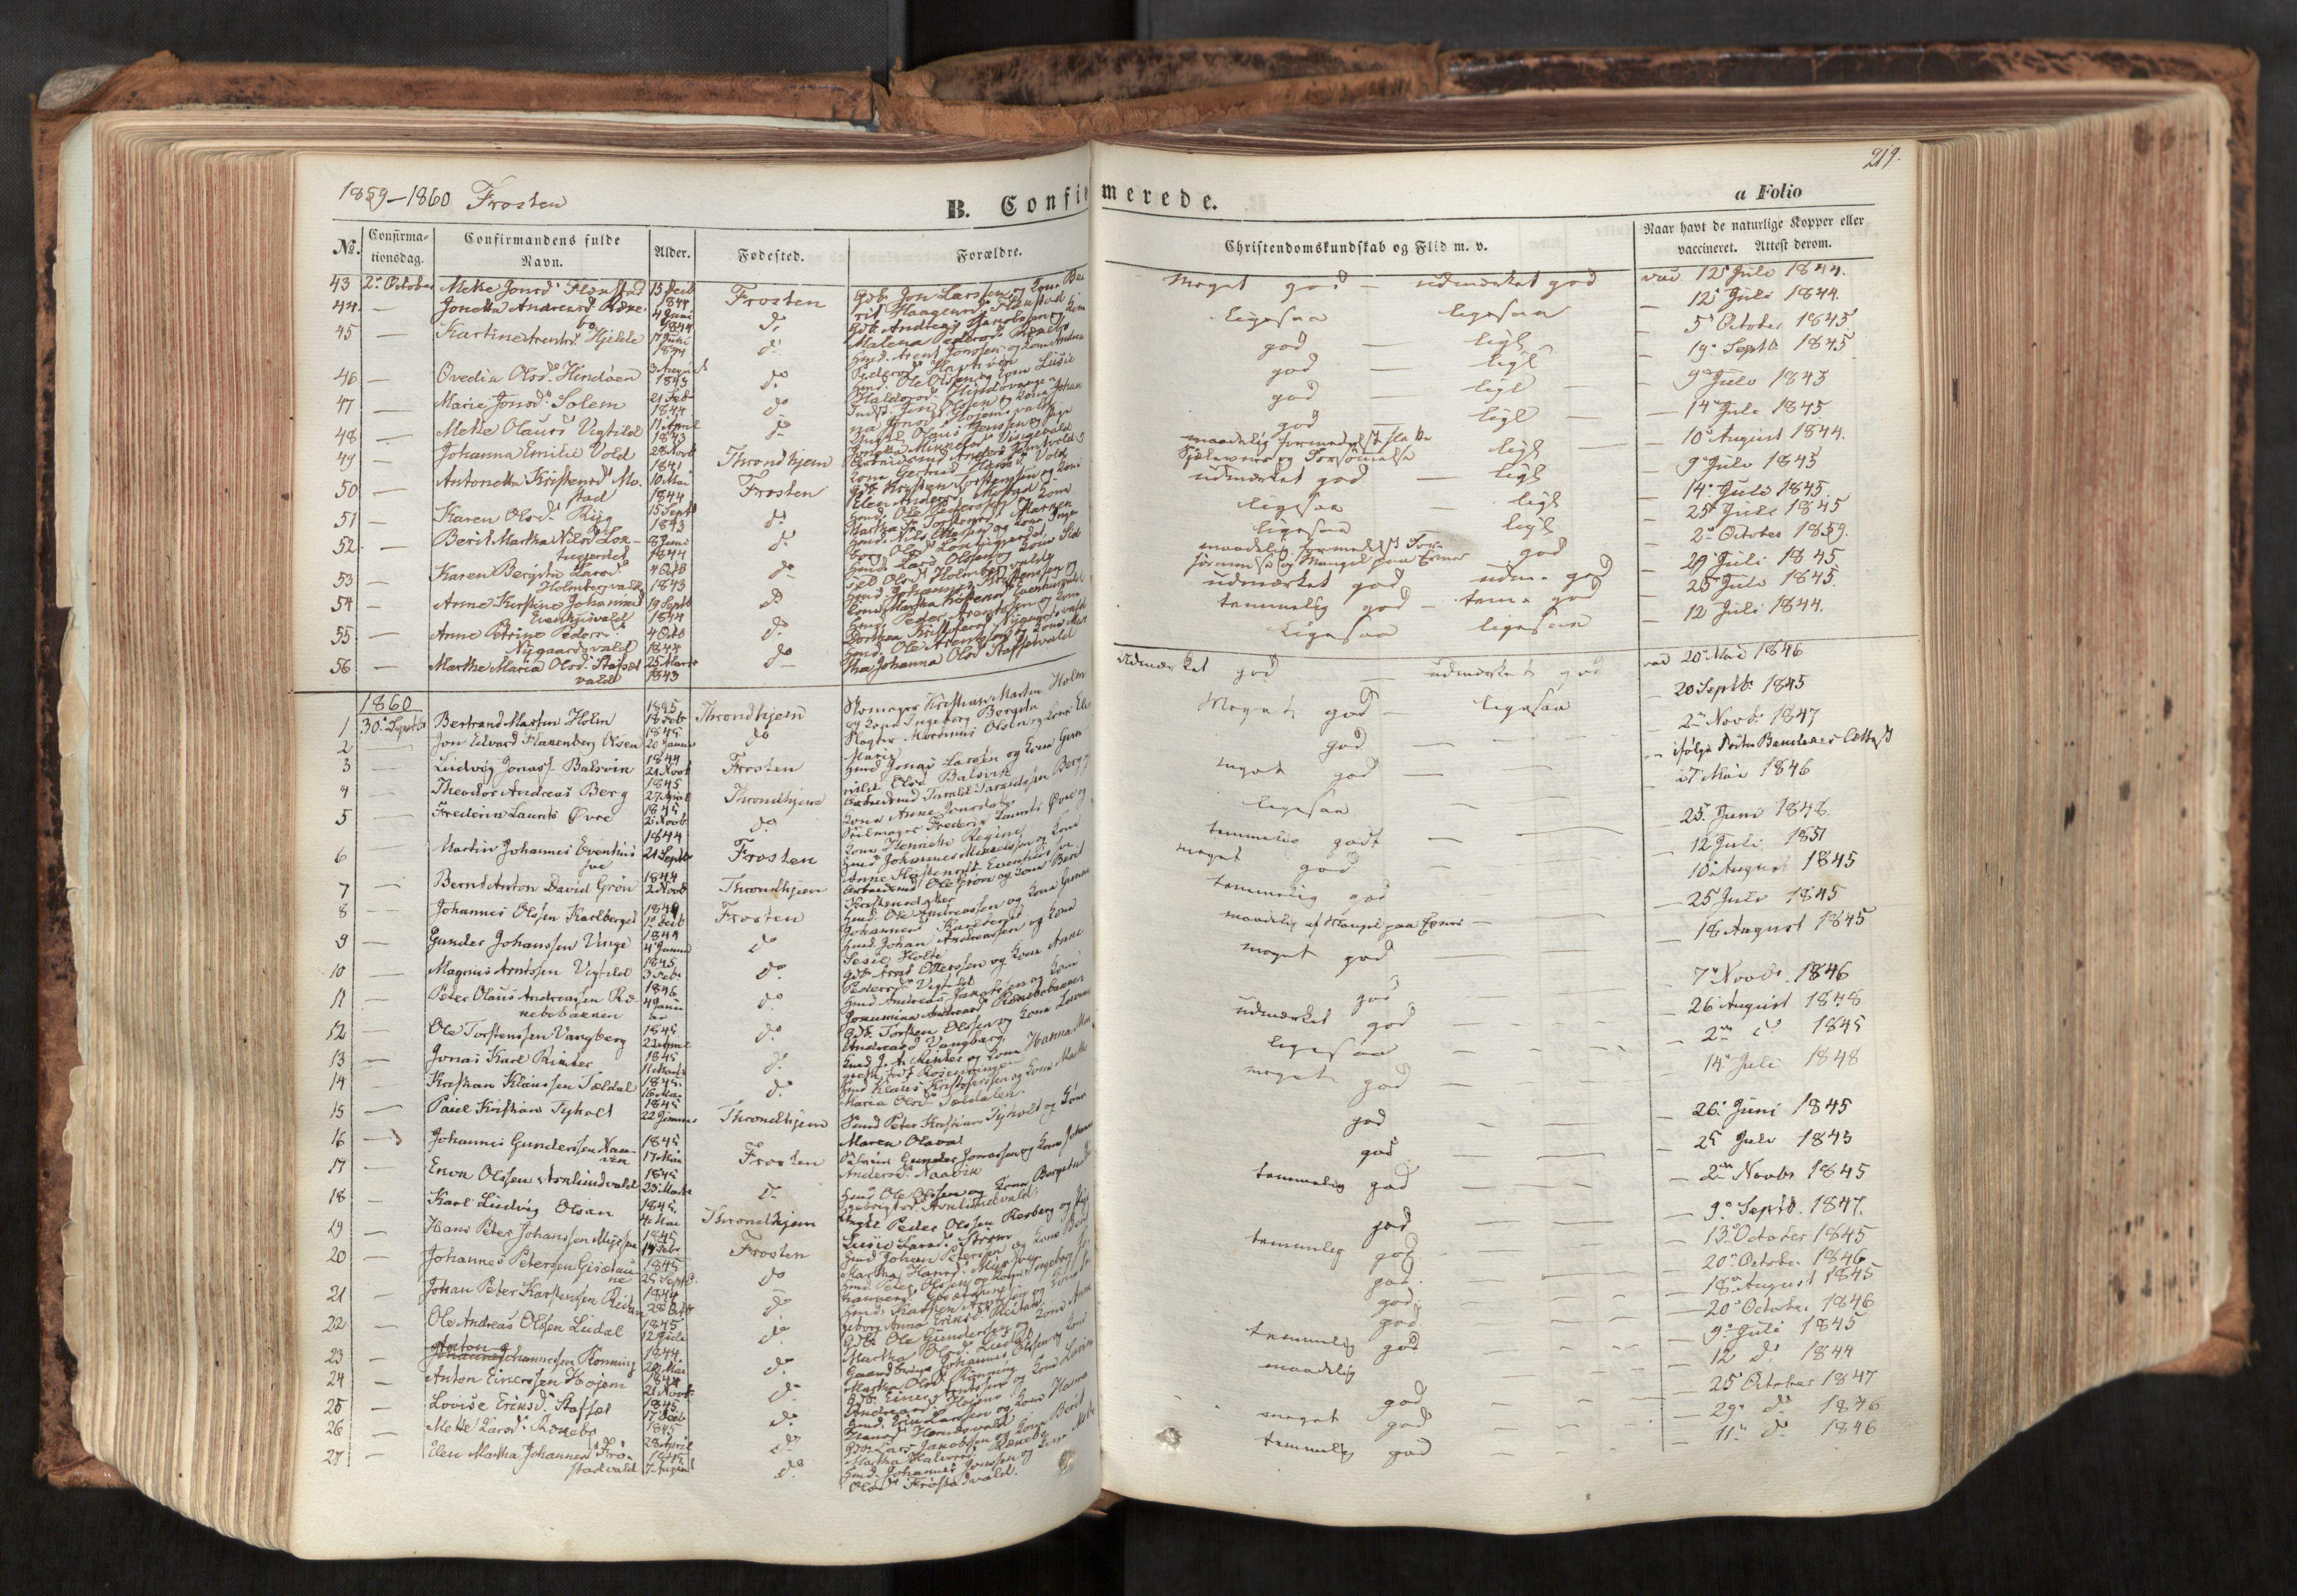 SAT, Ministerialprotokoller, klokkerbøker og fødselsregistre - Nord-Trøndelag, 713/L0116: Ministerialbok nr. 713A07, 1850-1877, s. 219